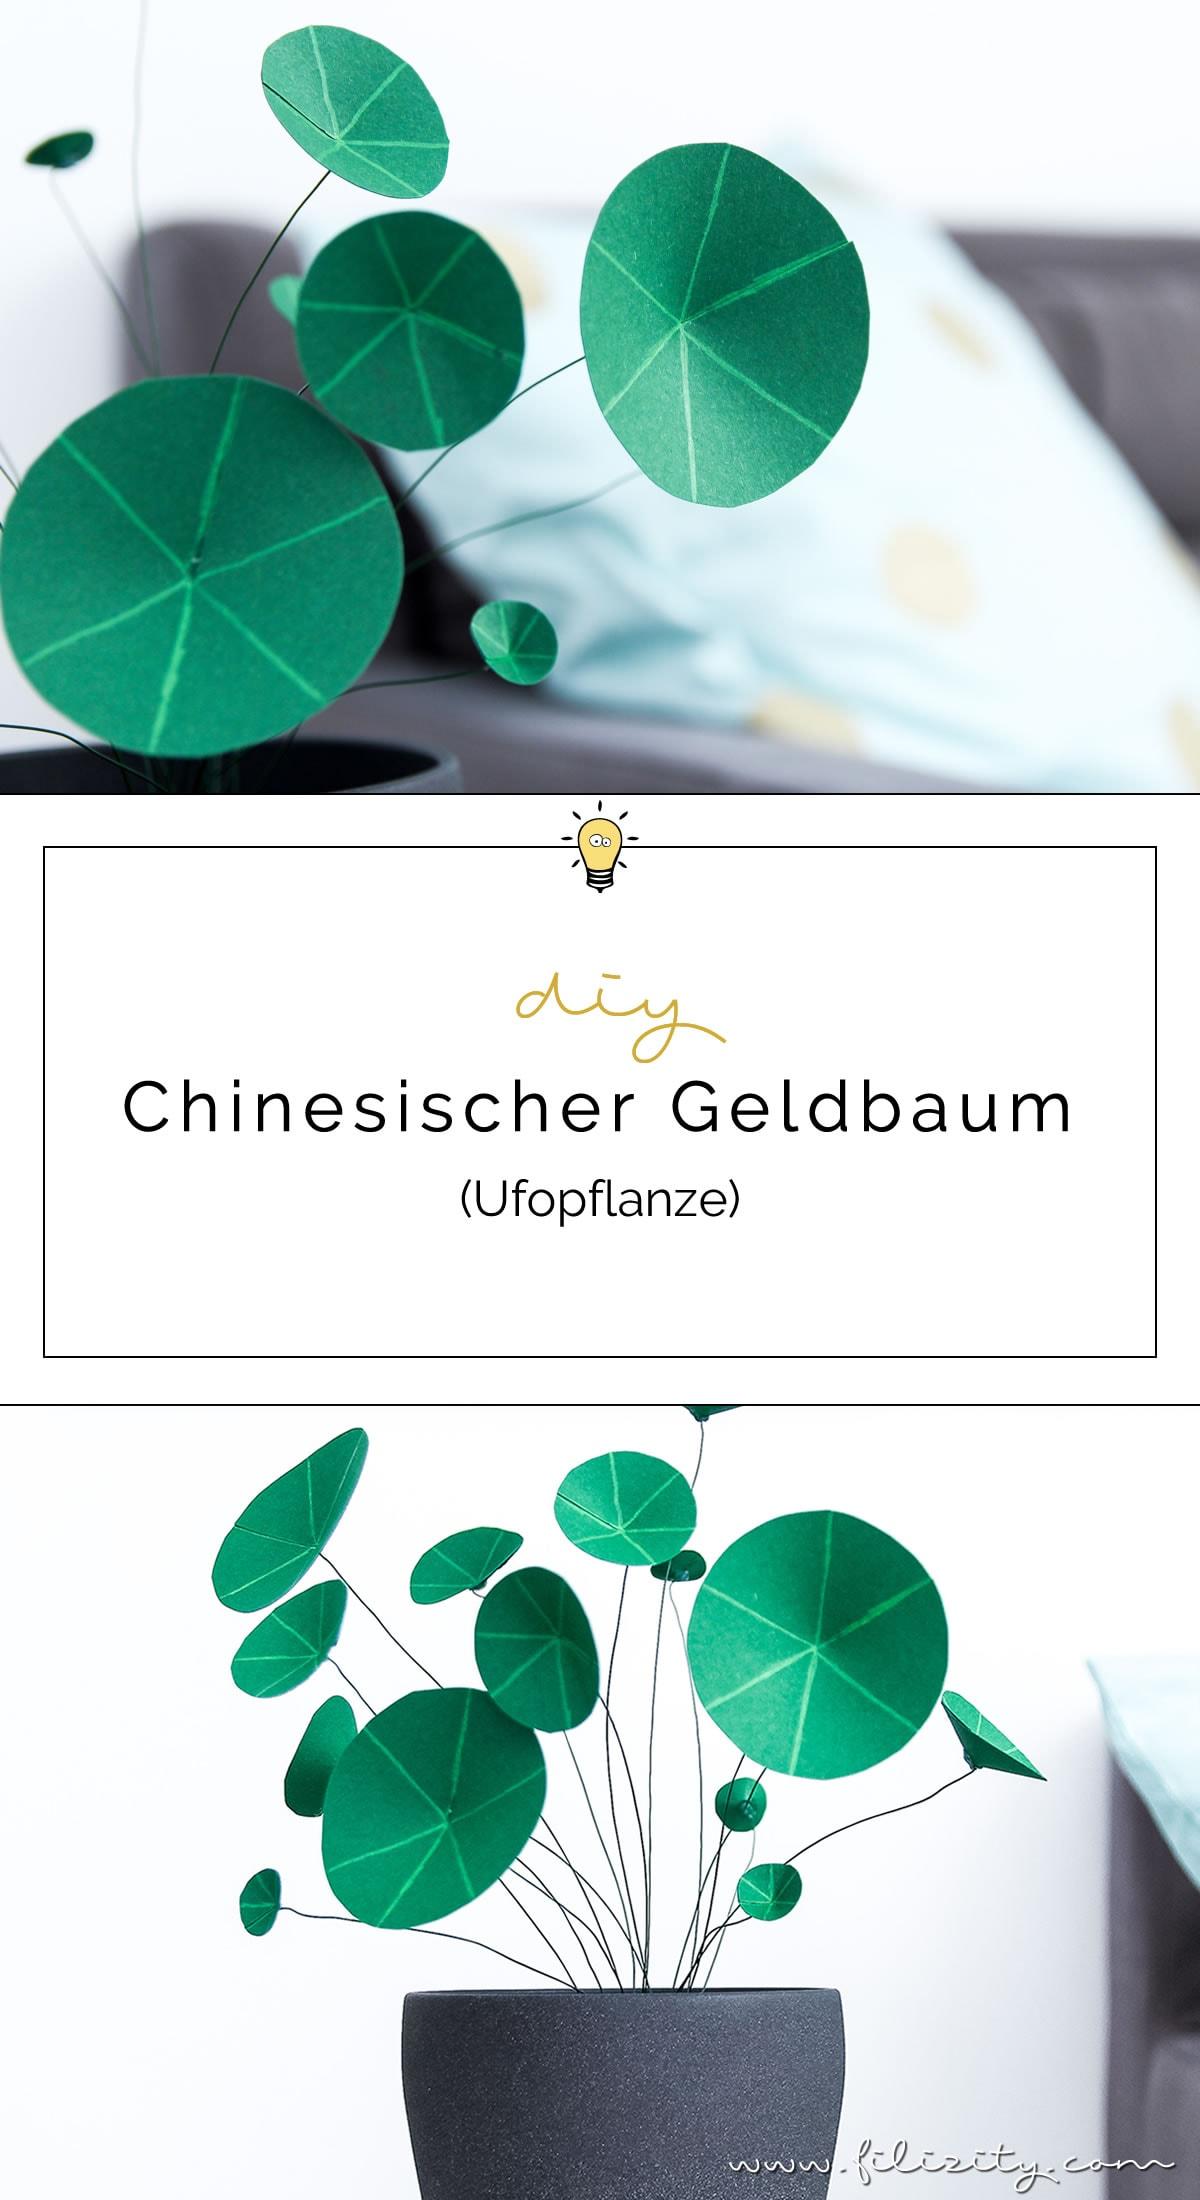 DIY Kunstpflanzen aus Papier: Chinesischer Geldbaum (Ufopflanze) selbermachen